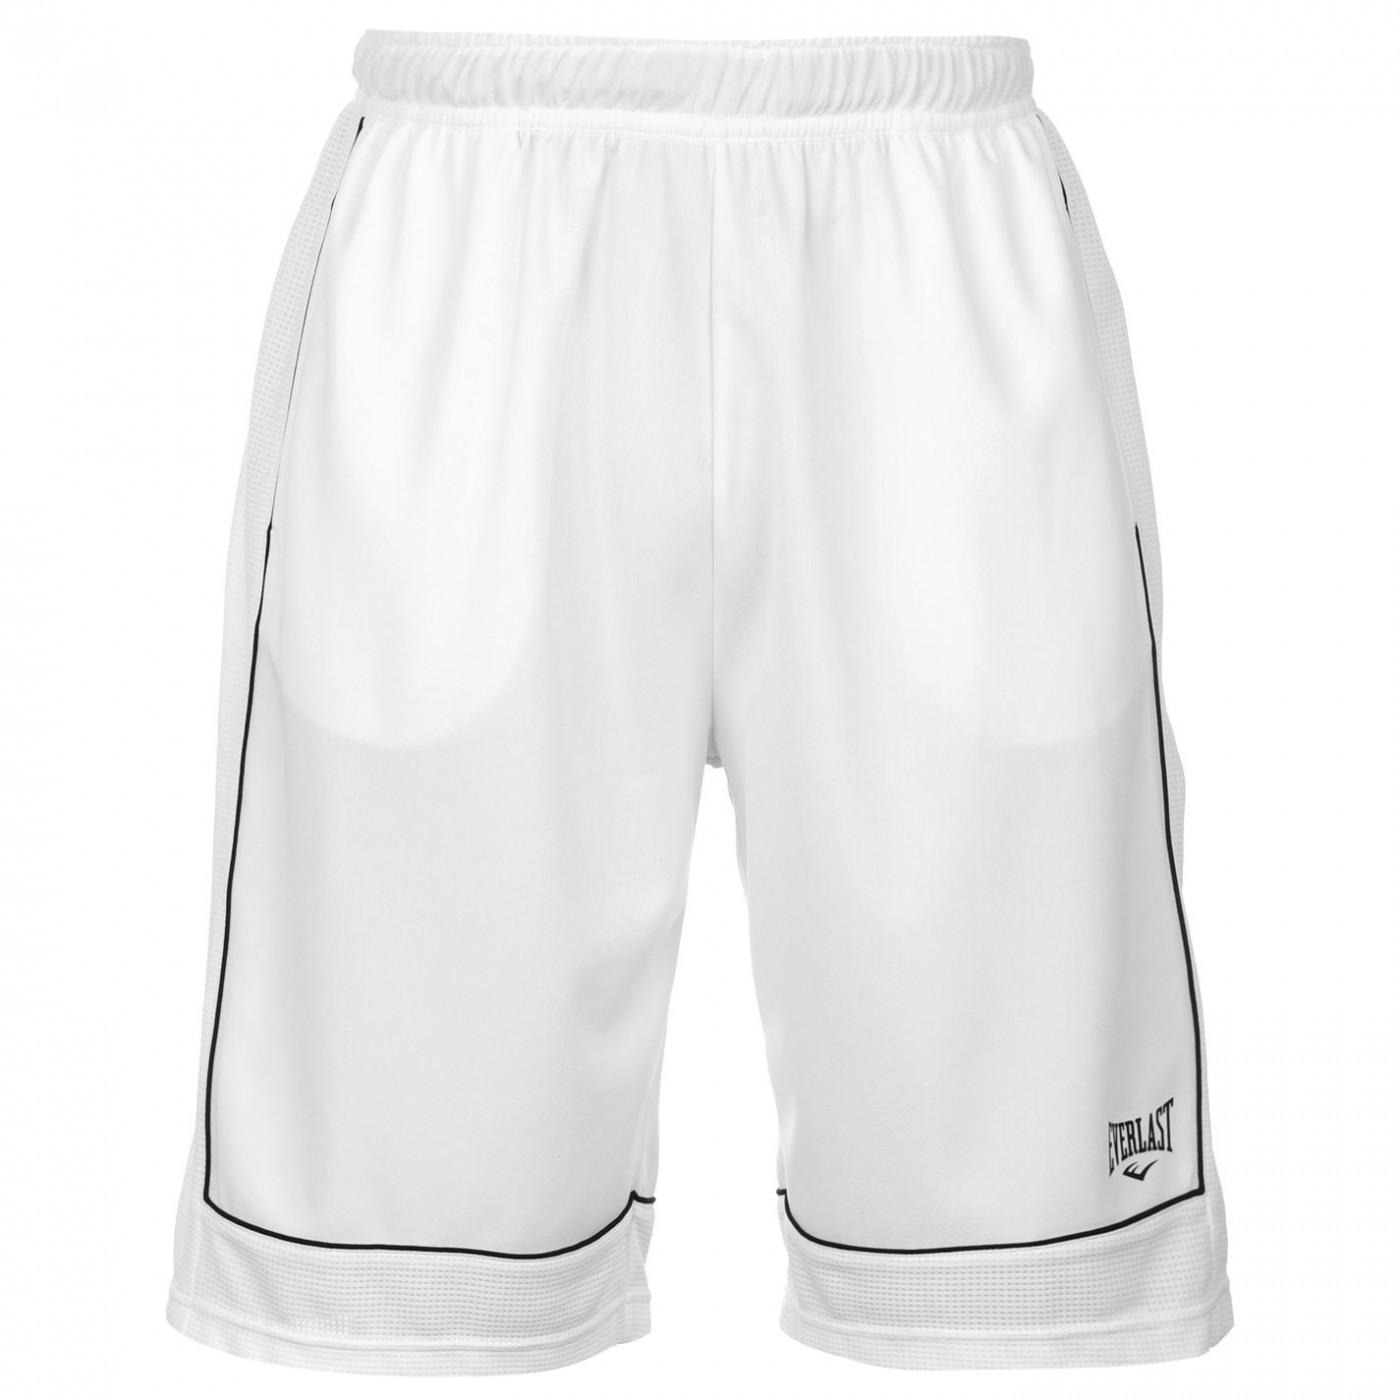 Men's shorts Everlast Basketball